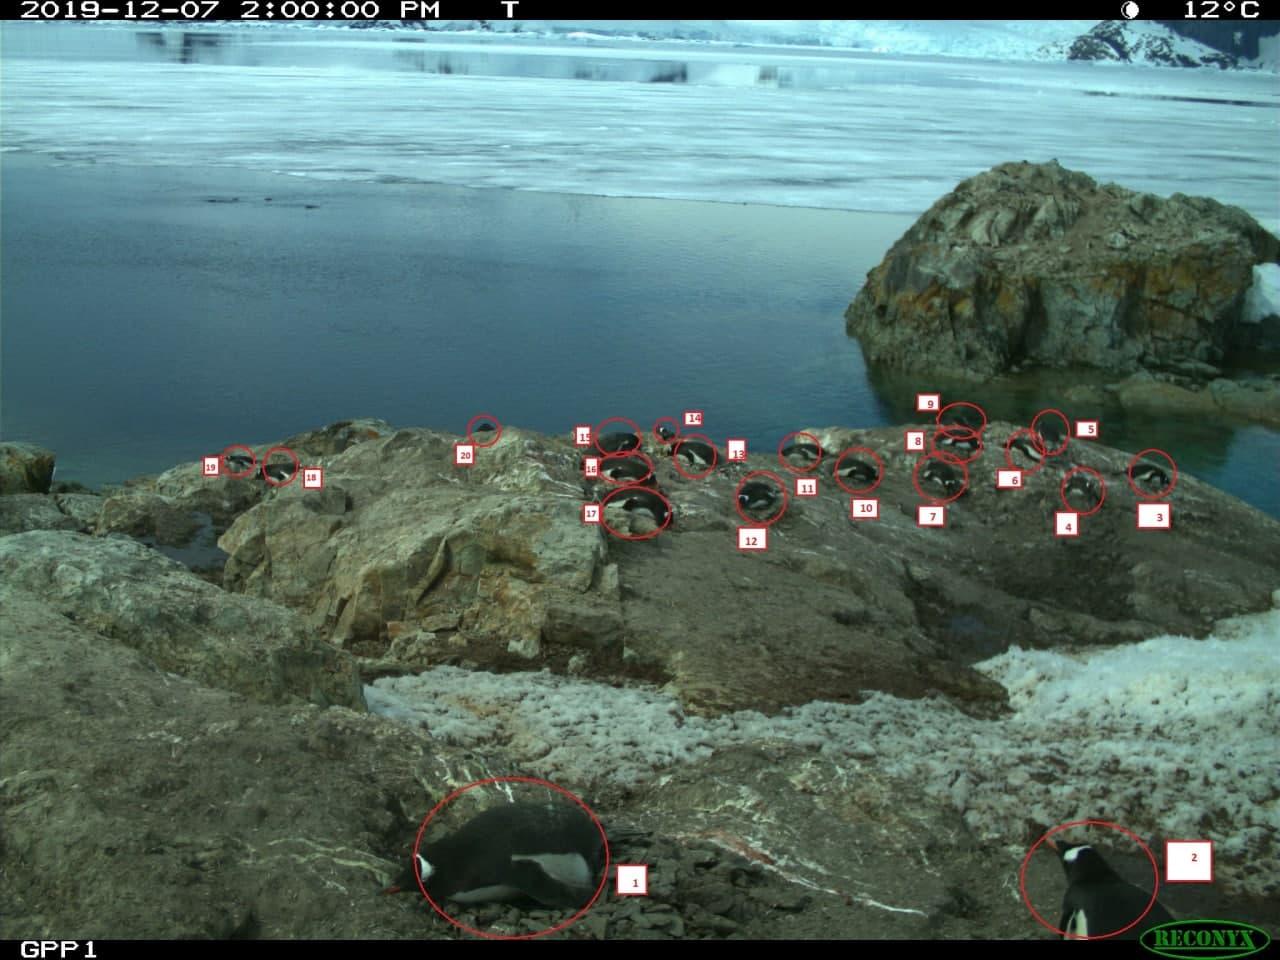 Найуважніші спостерігачі за пінгвінами: визначено переможців конкурсу з екологічного моніторингу Антарктиди